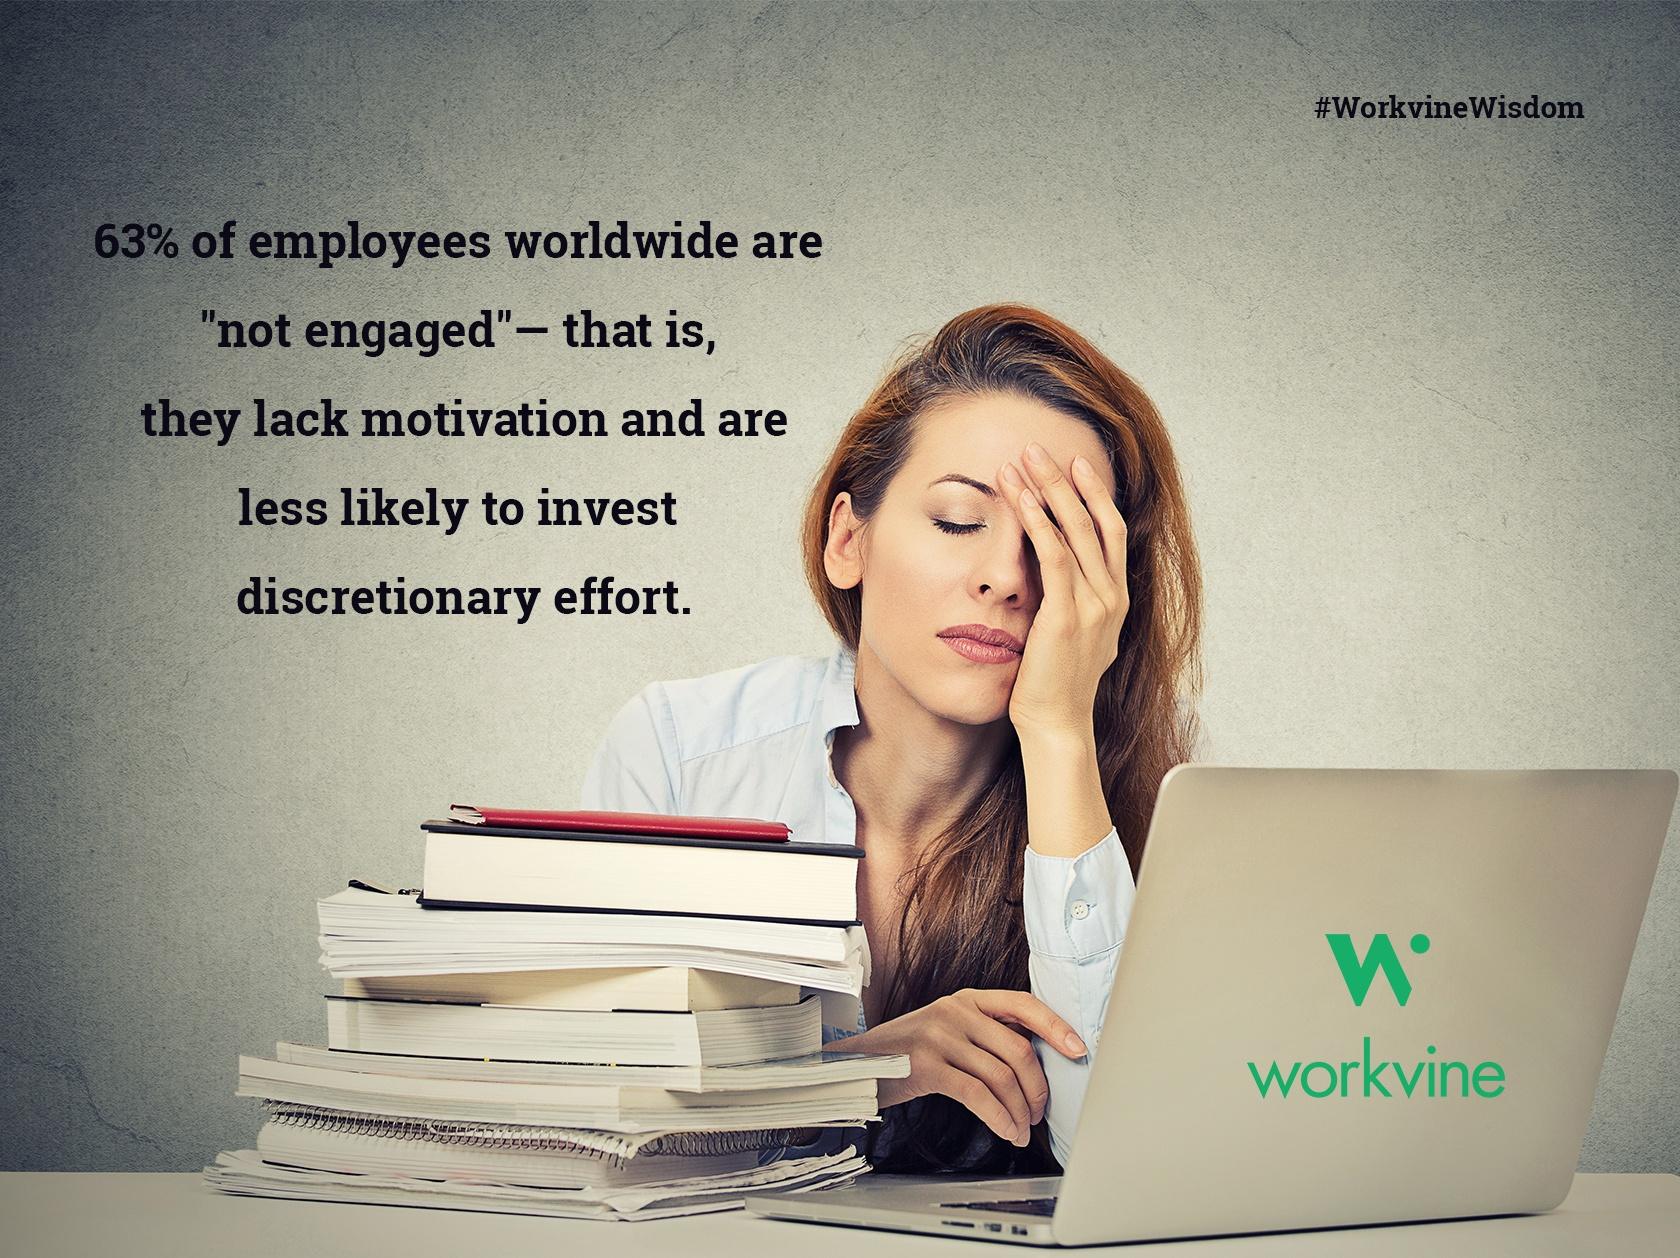 workvine_wisdom5.jpg